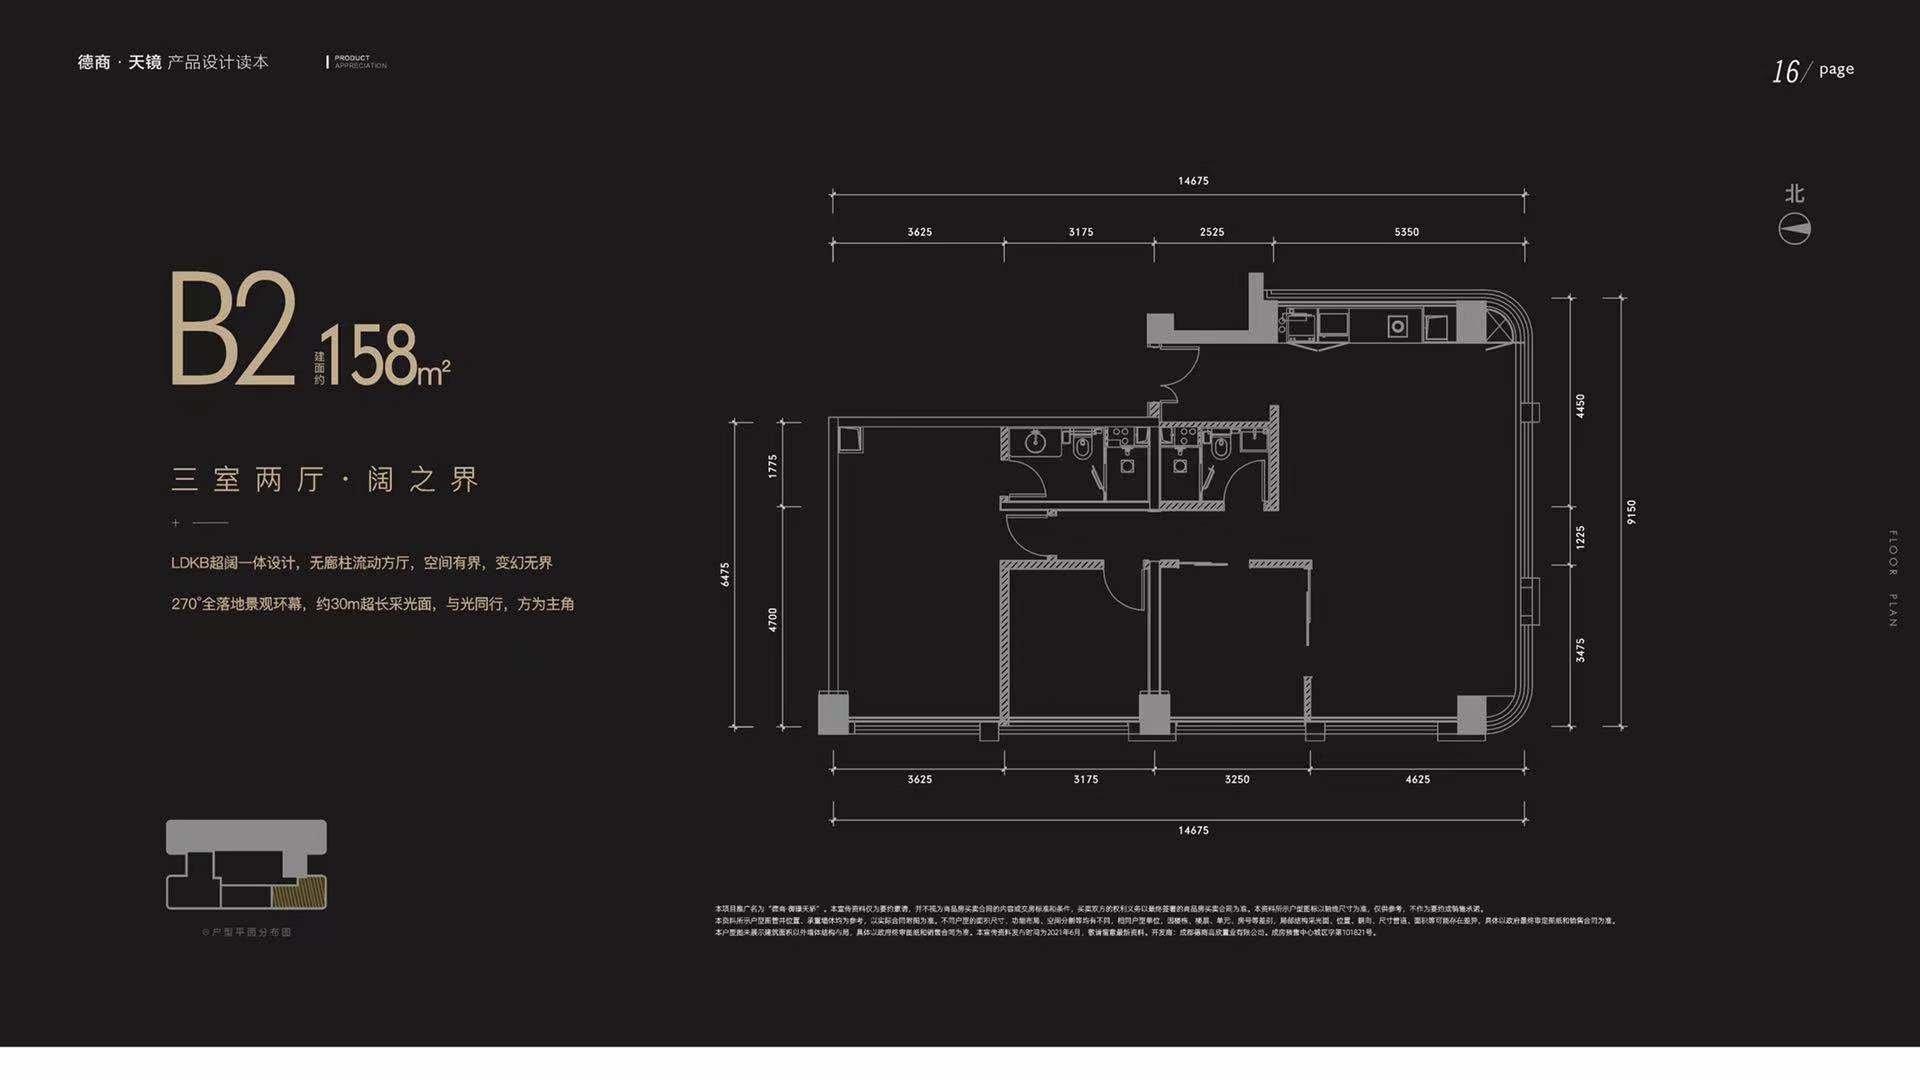 高新南区中和德商.天镜新房158平户型图